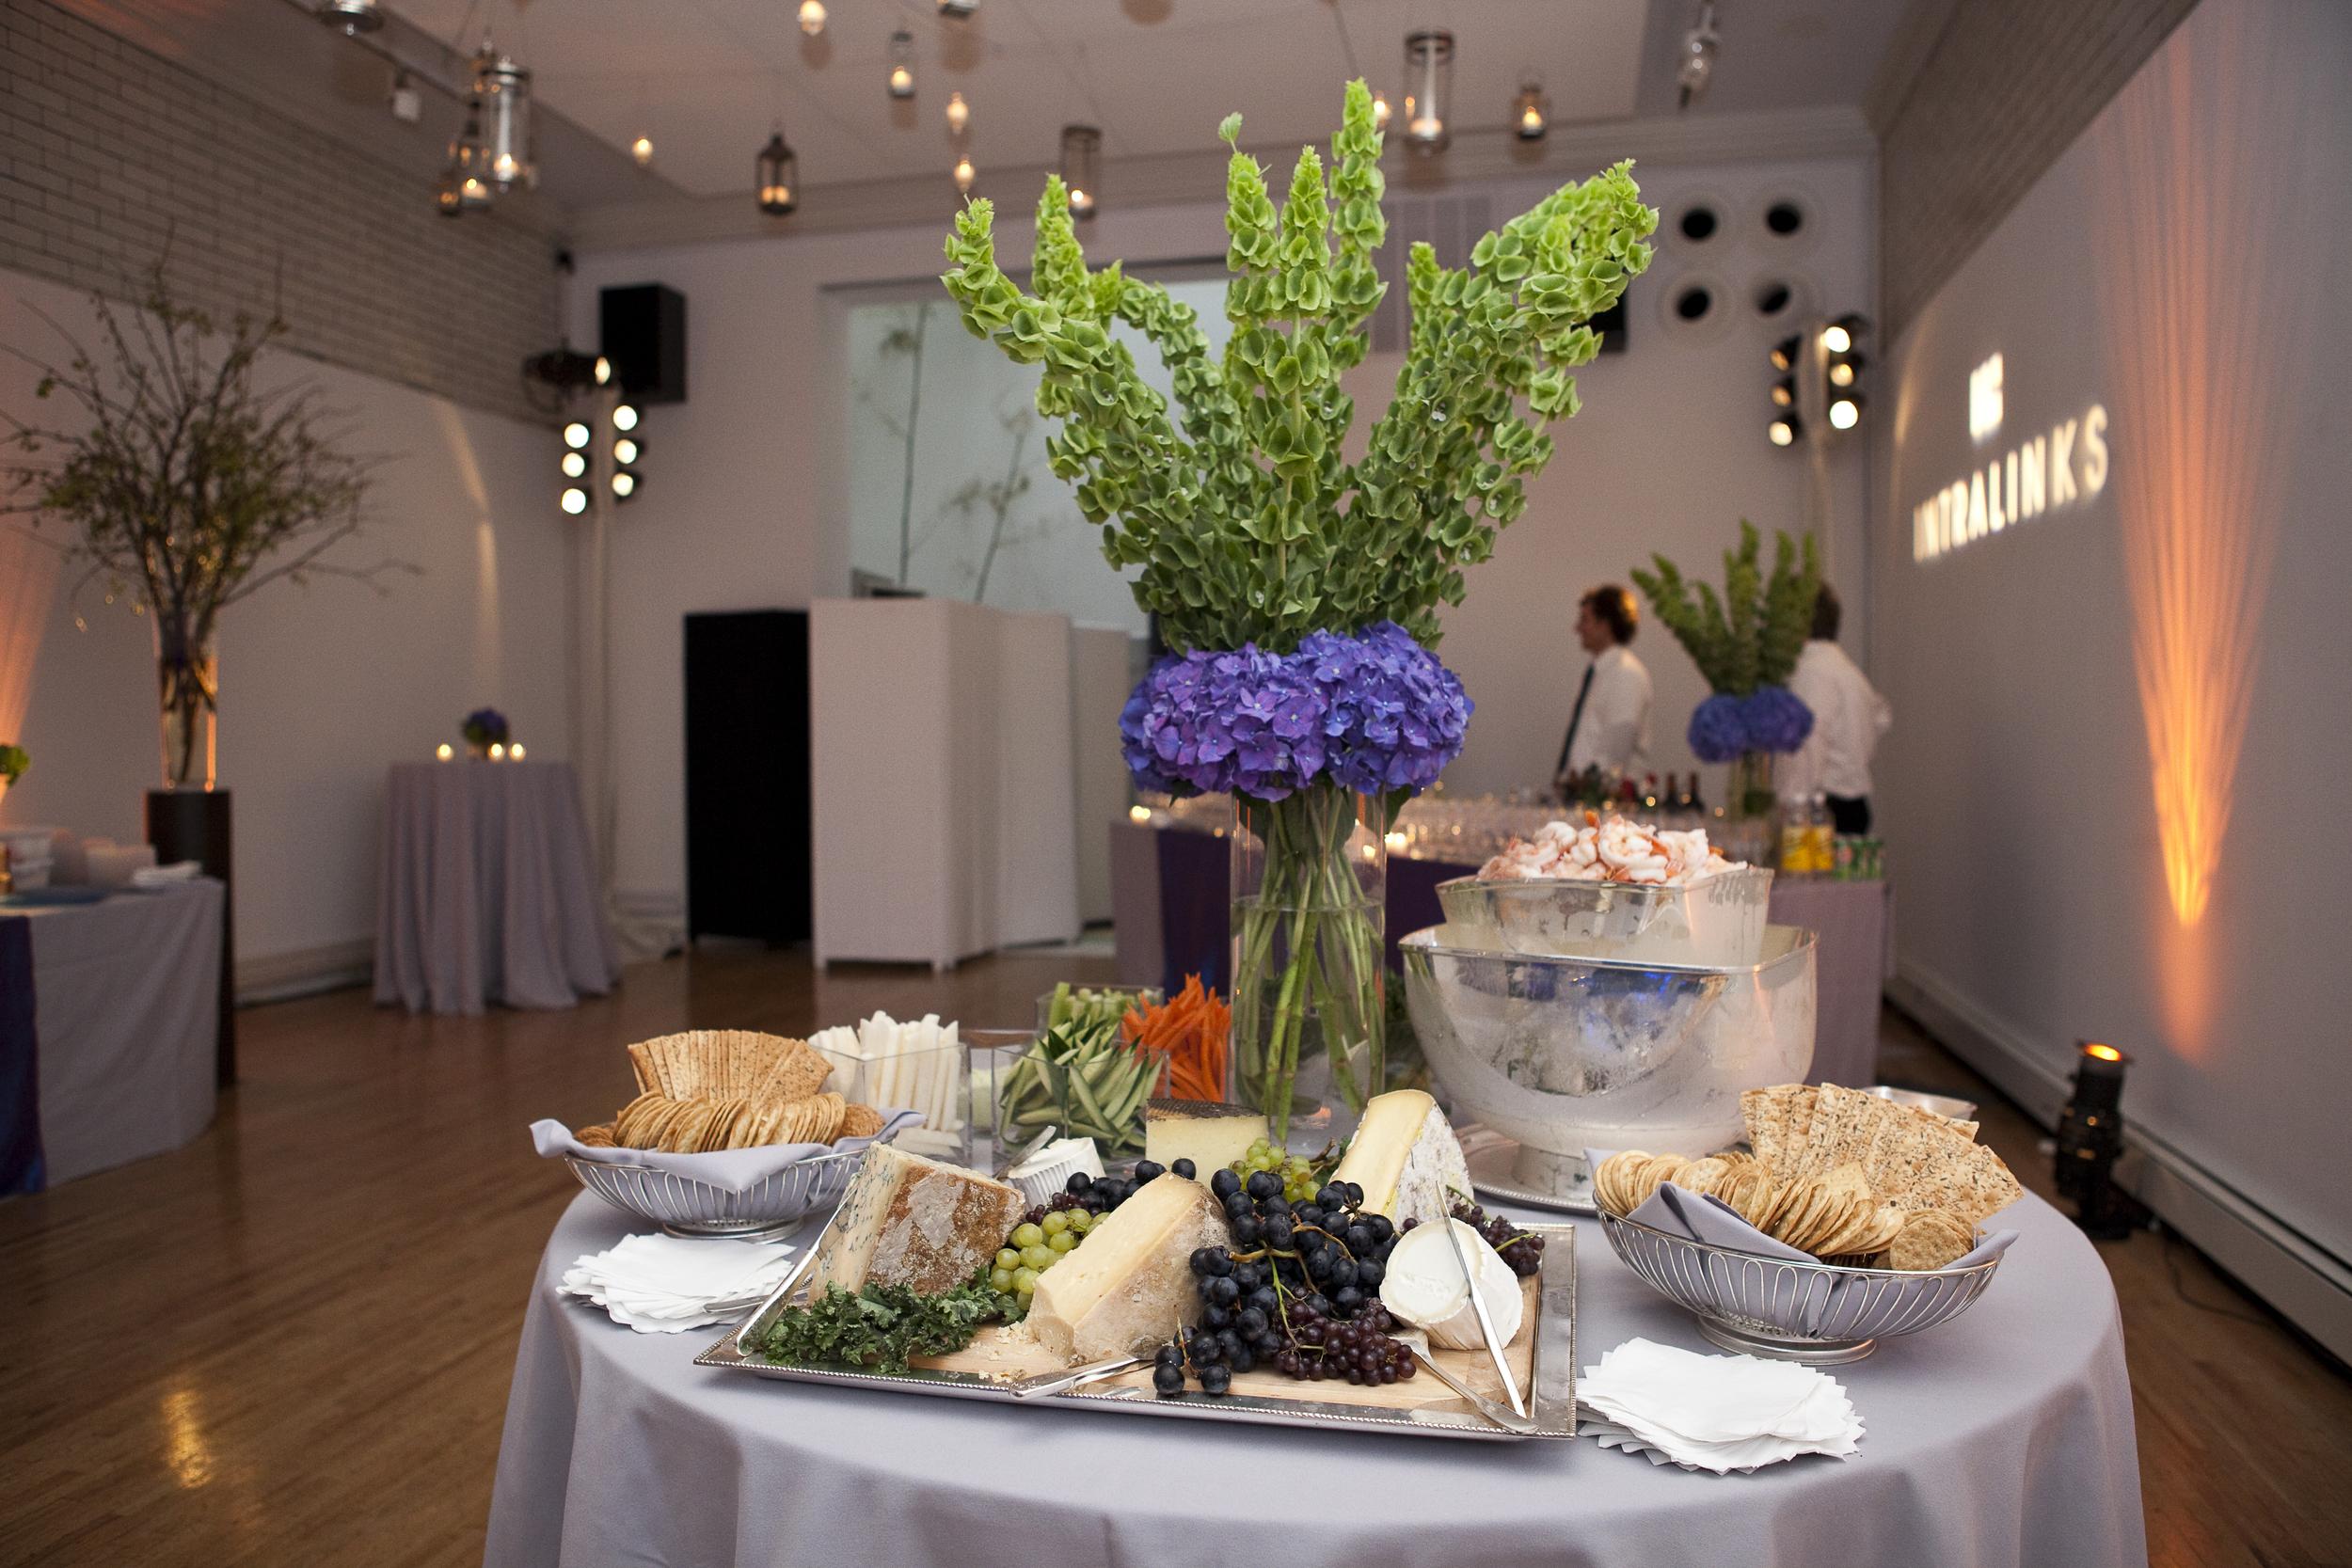 IntraLinks IPO Celebration, Gabarron Carriage House, NY, NY